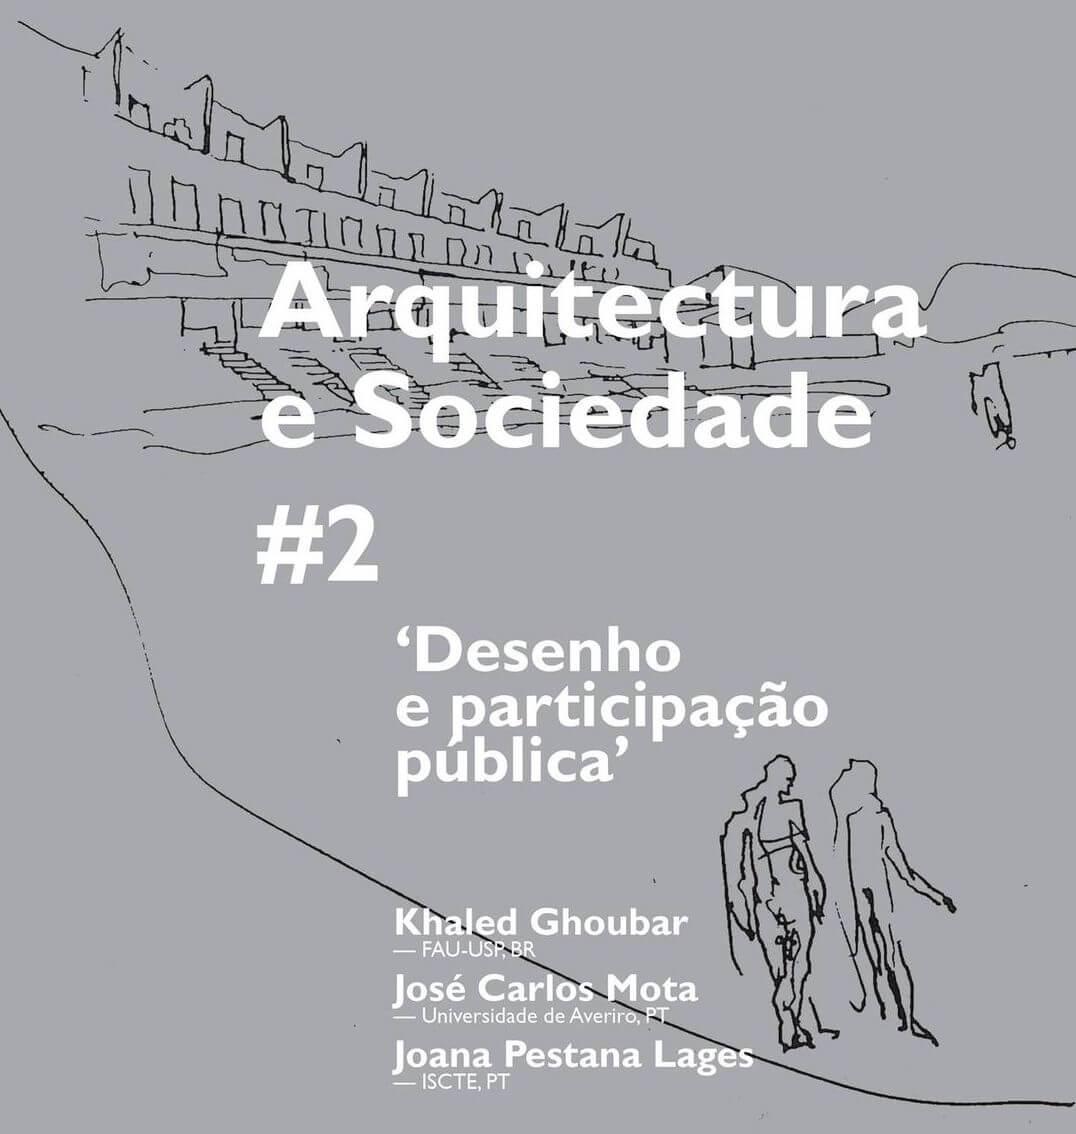 Ciclo Arquitectura e Sociedade #2 . 'Desenho e participação pública'